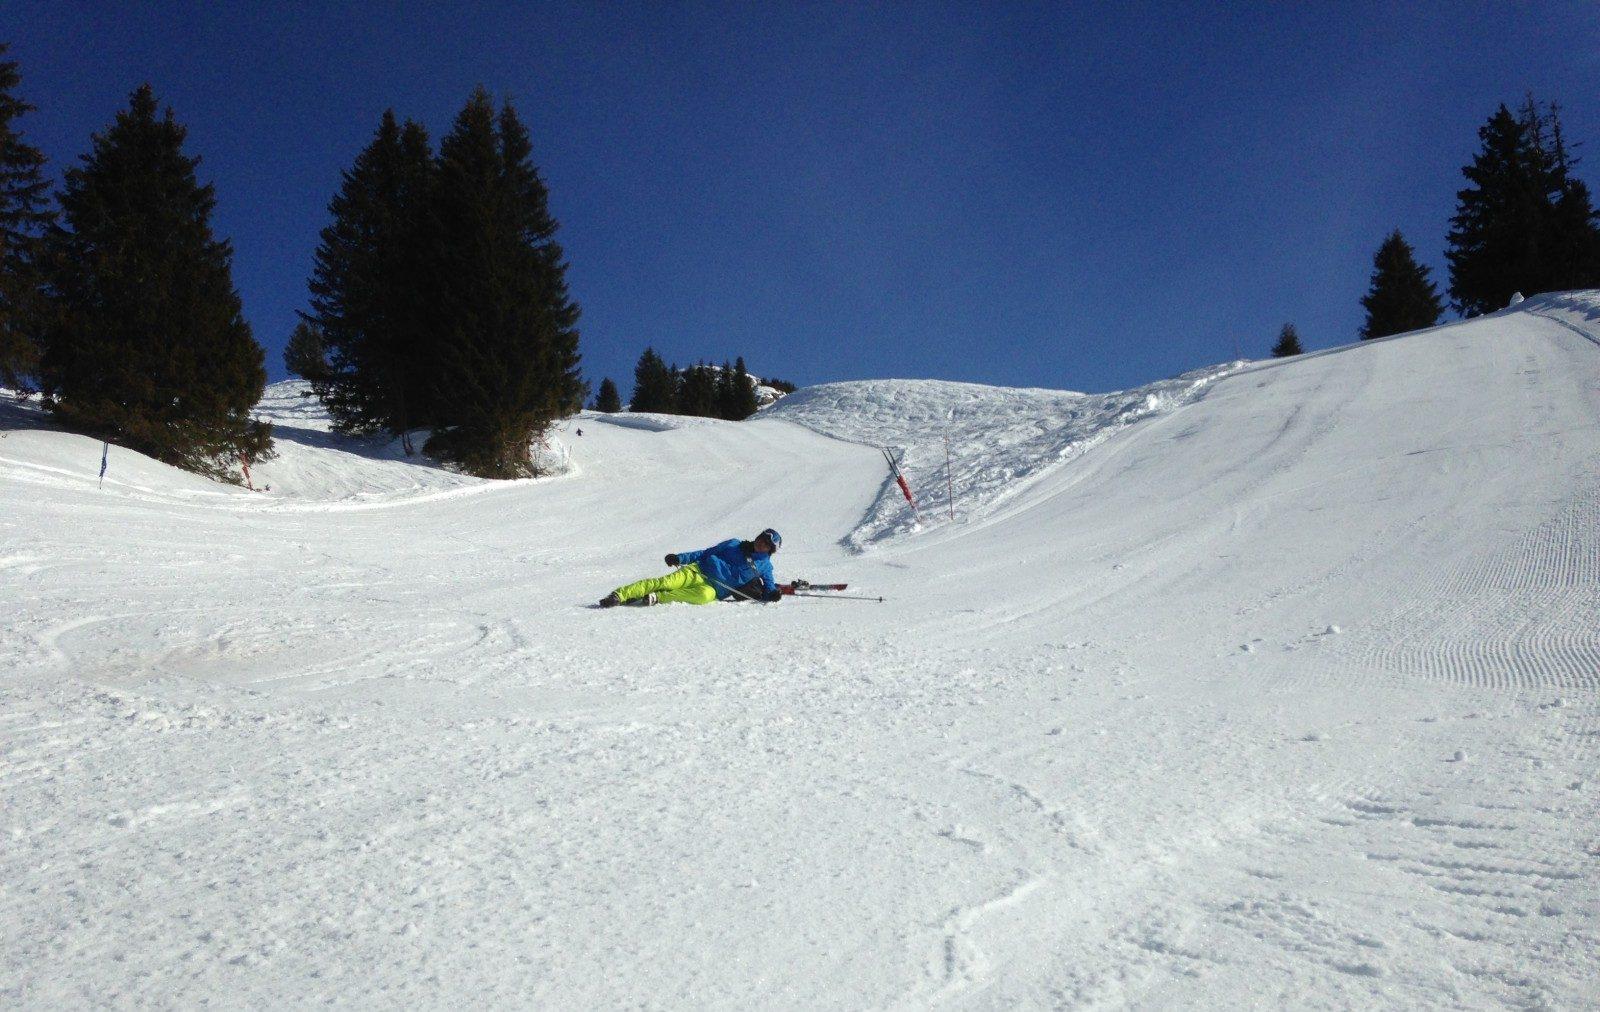 ski's op een steile helling